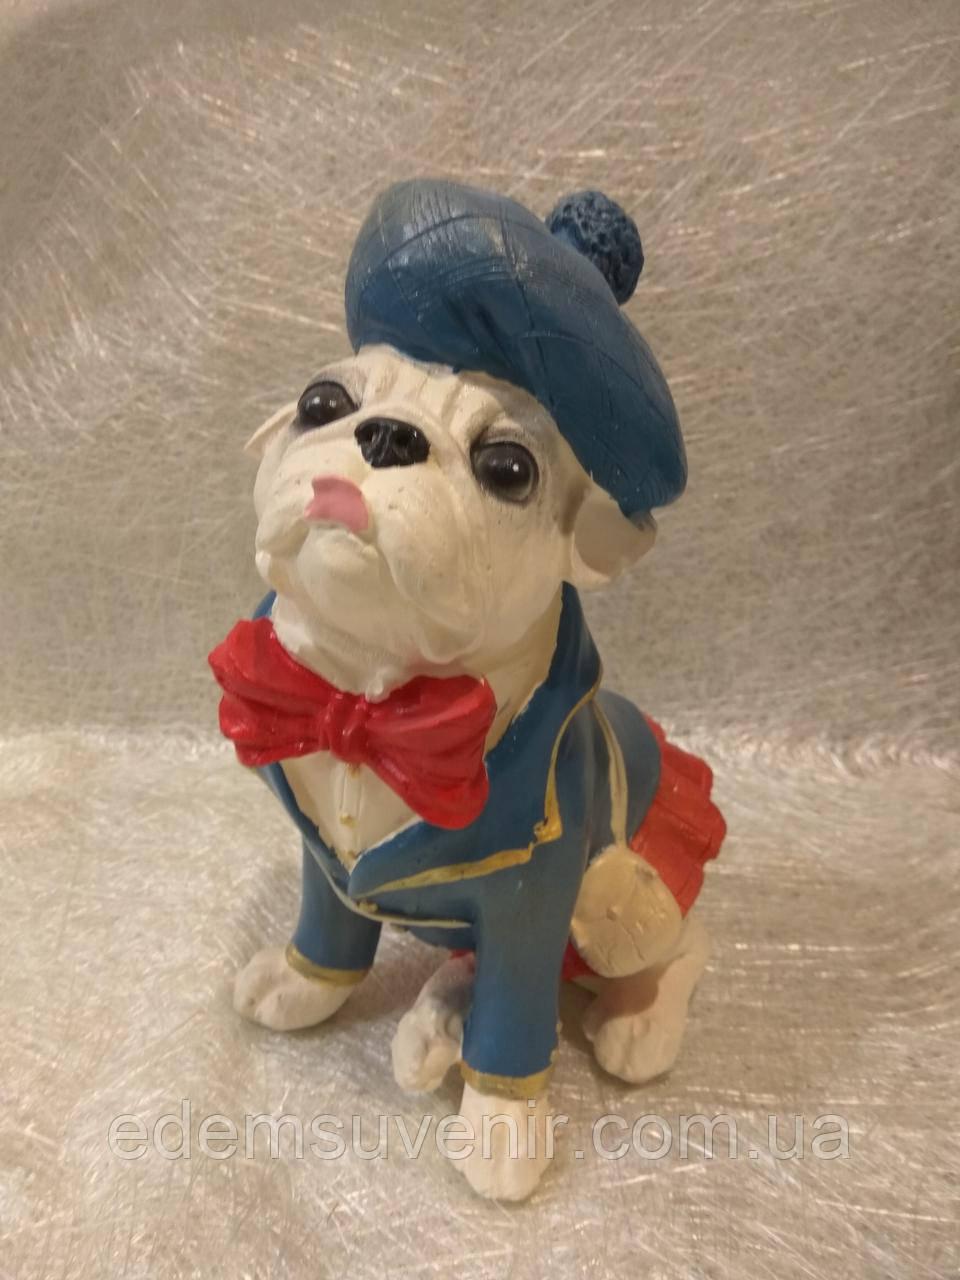 Статуэтка собака Мопс в синей шляпе